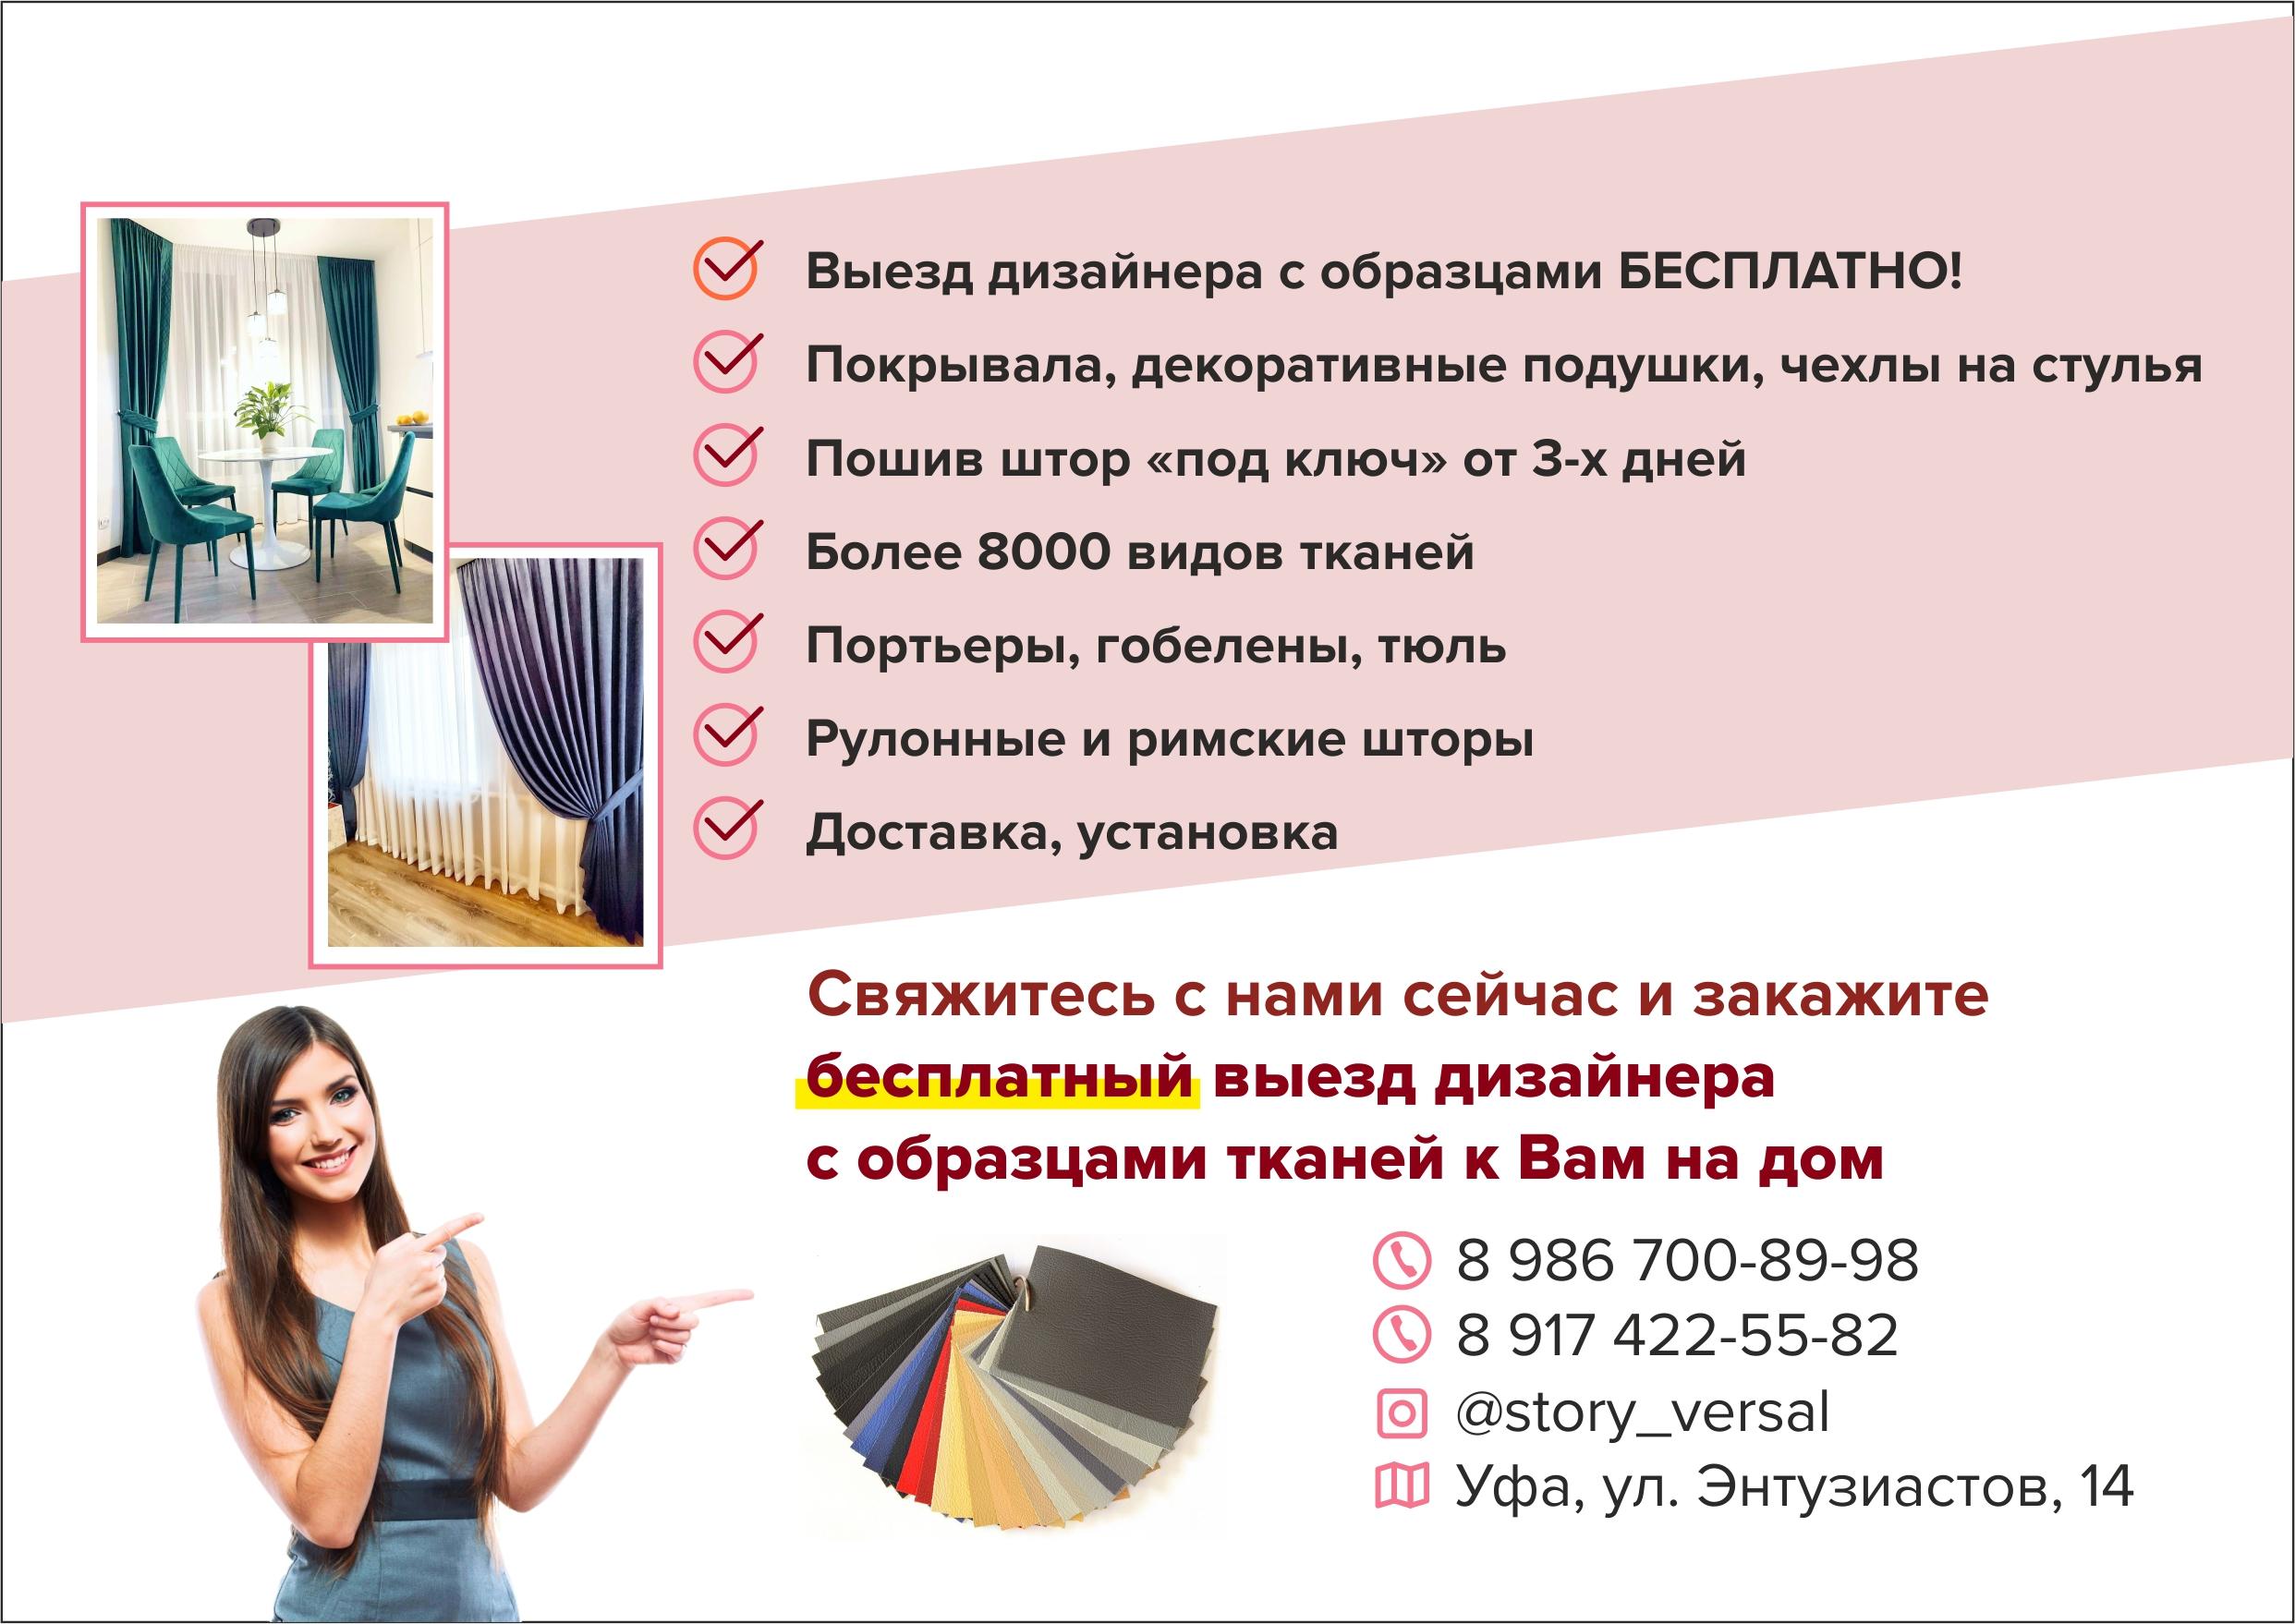 Сертификат А5 на 5000 руб. - Строна Б - 2.2